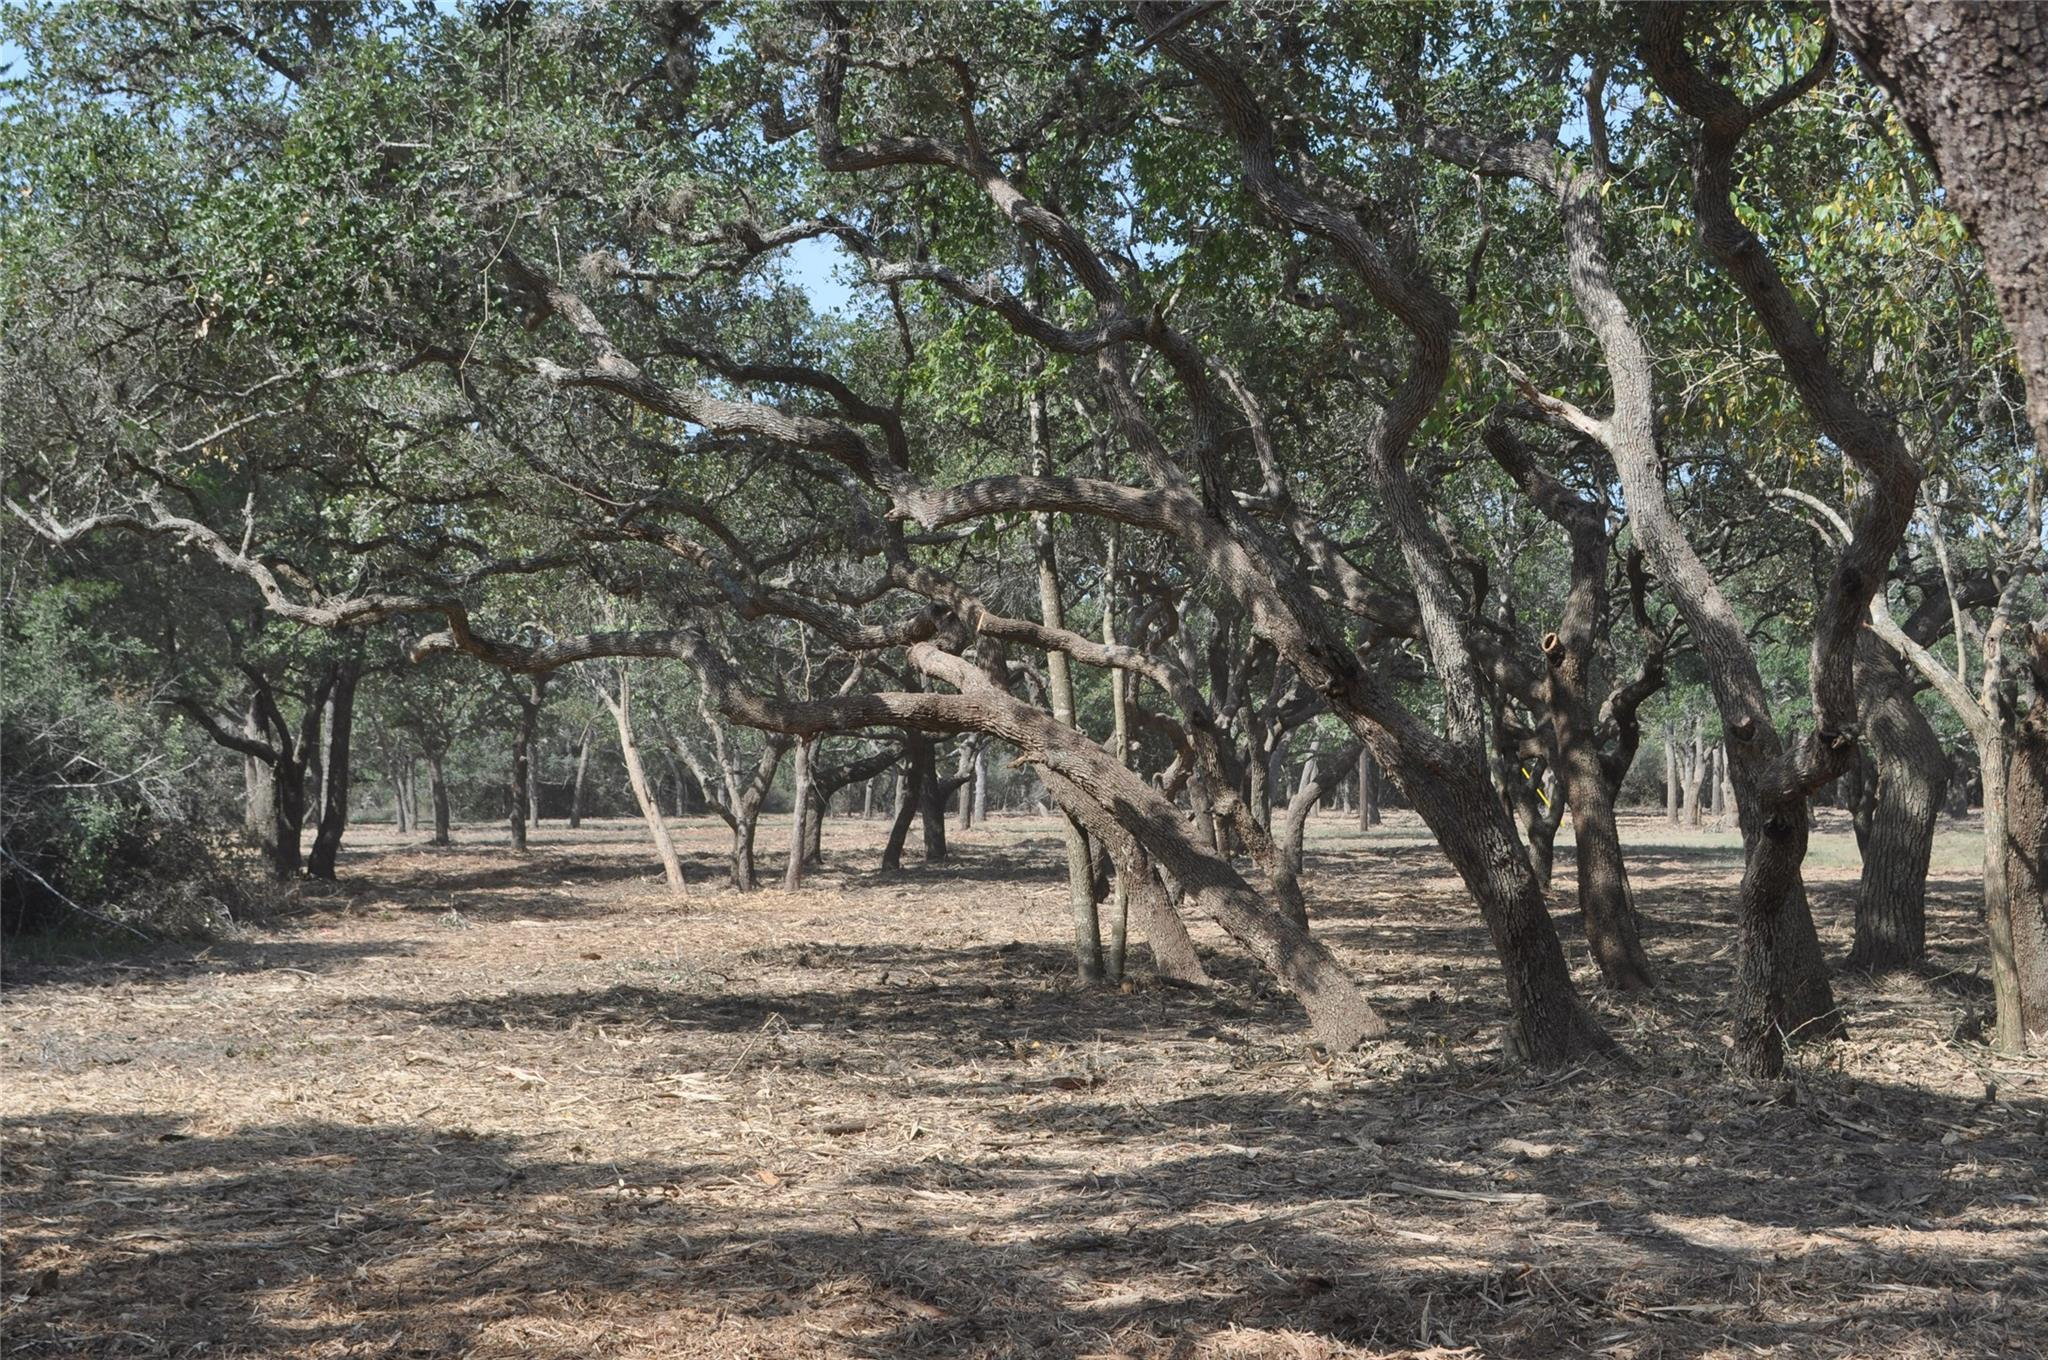 TBD Farm To Market 1447 Property Photo - Yoakum, TX real estate listing